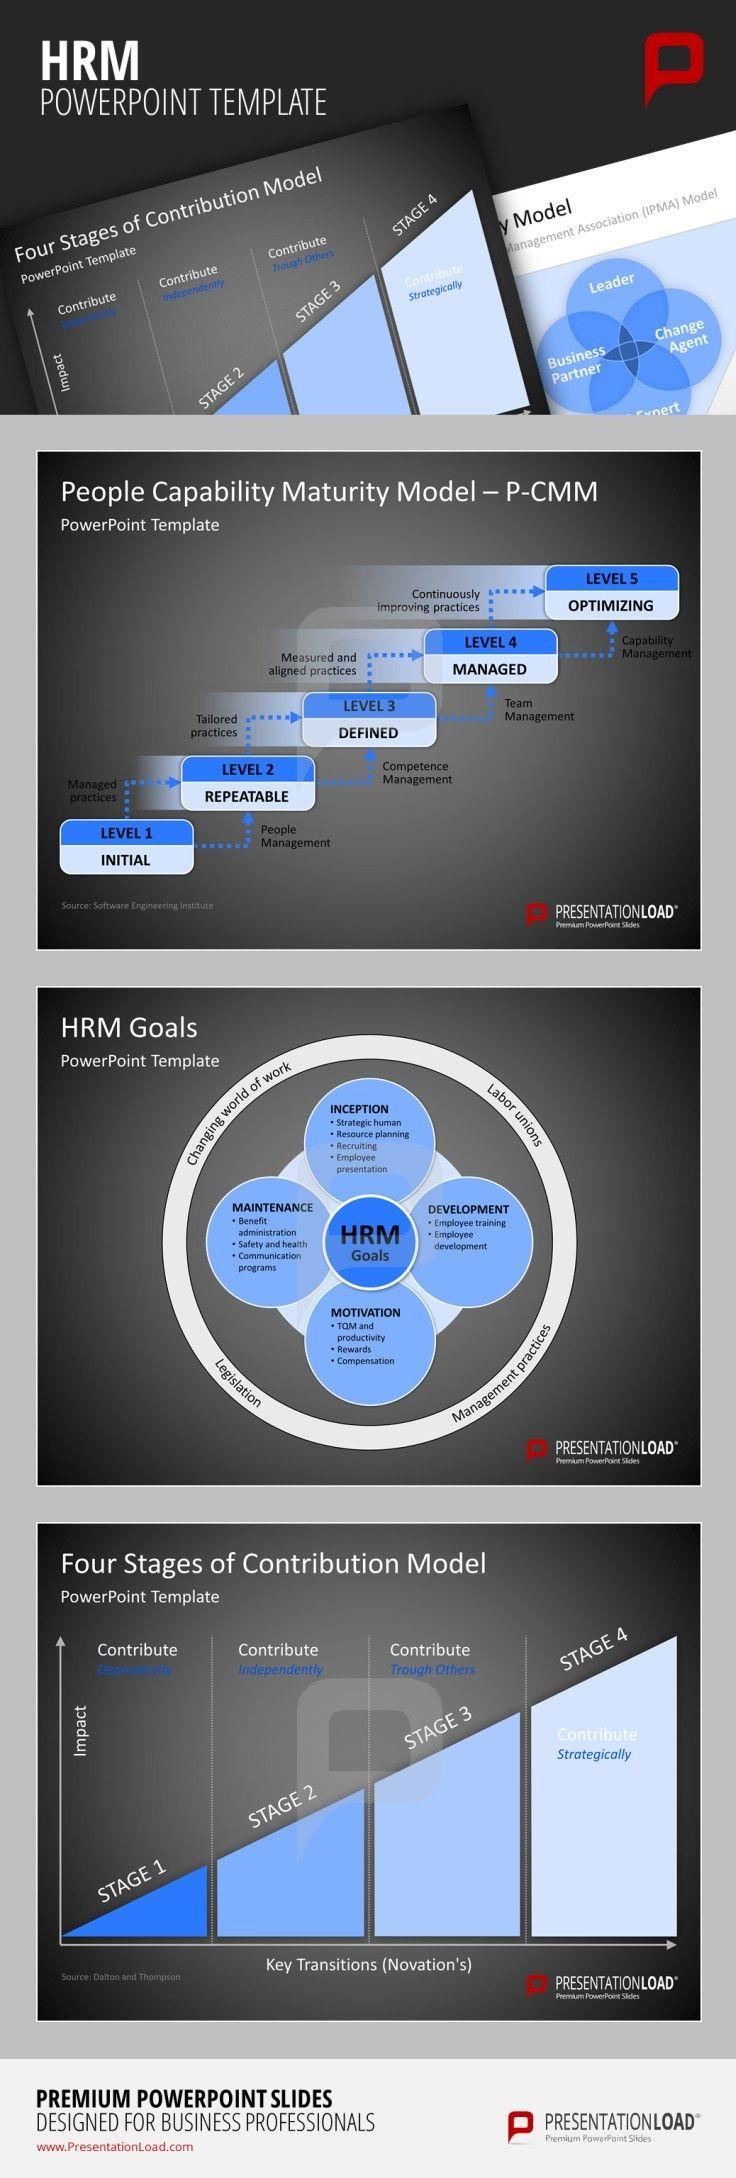 human resource management powerpoint template presentationload http